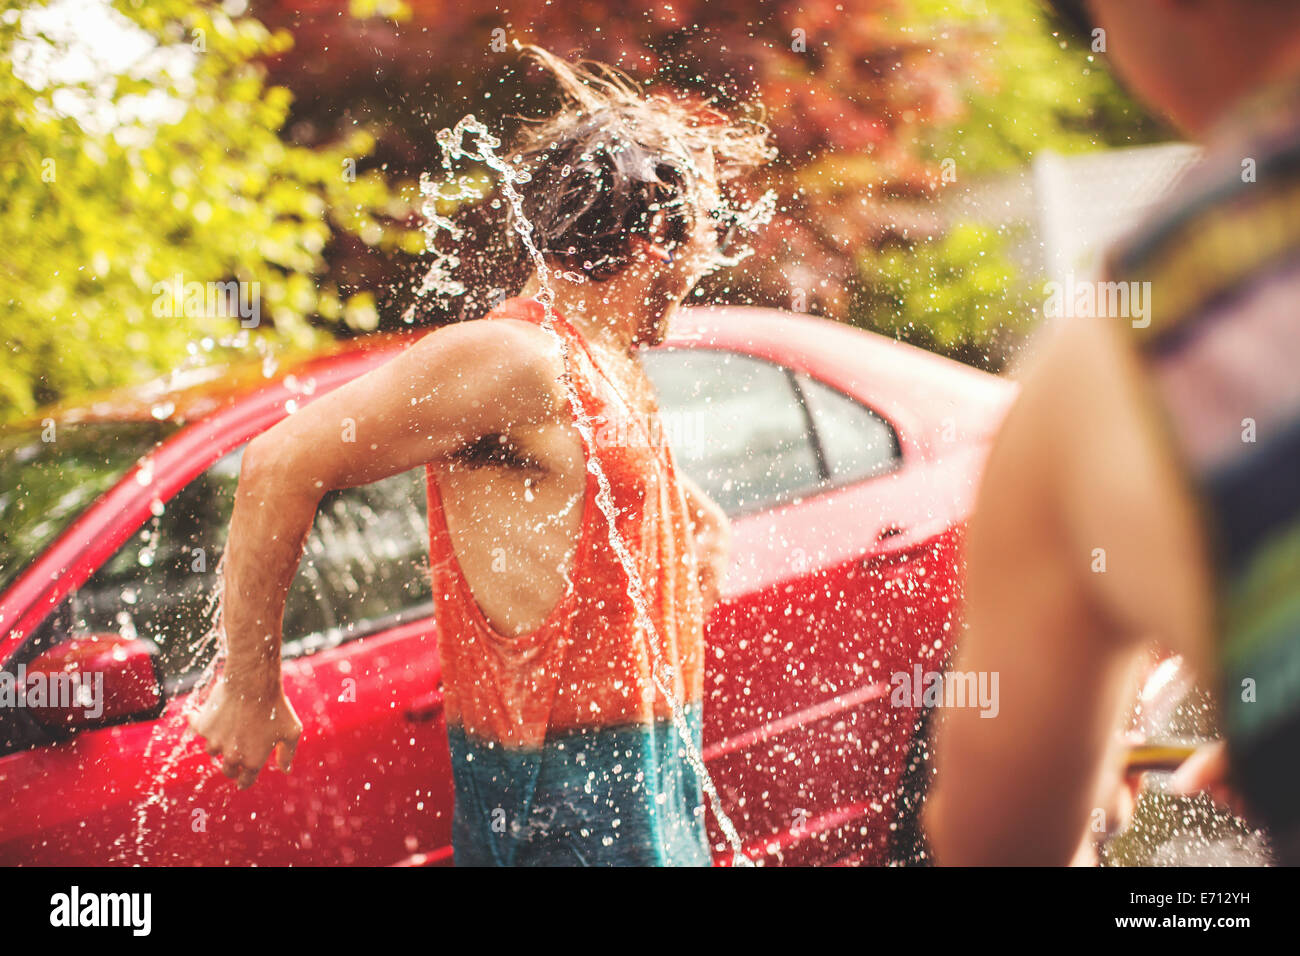 Junger Mann mit Wasser besprüht werden Stockbild